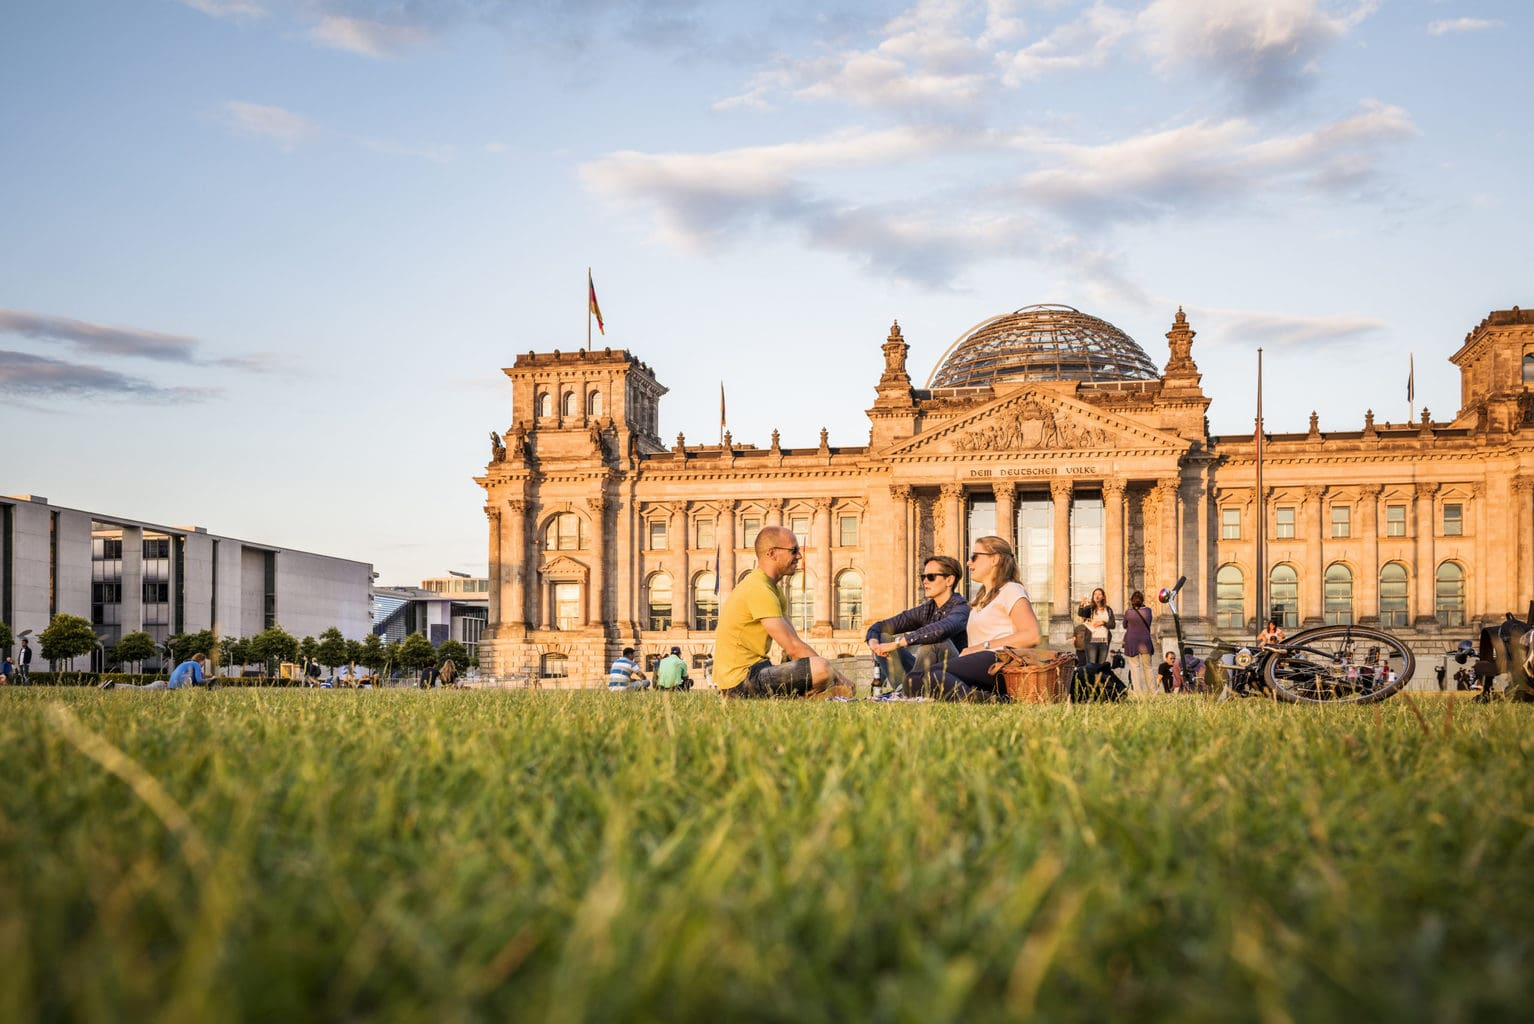 De Reichstag in Berlijn met jonge mensen op de voorgrond